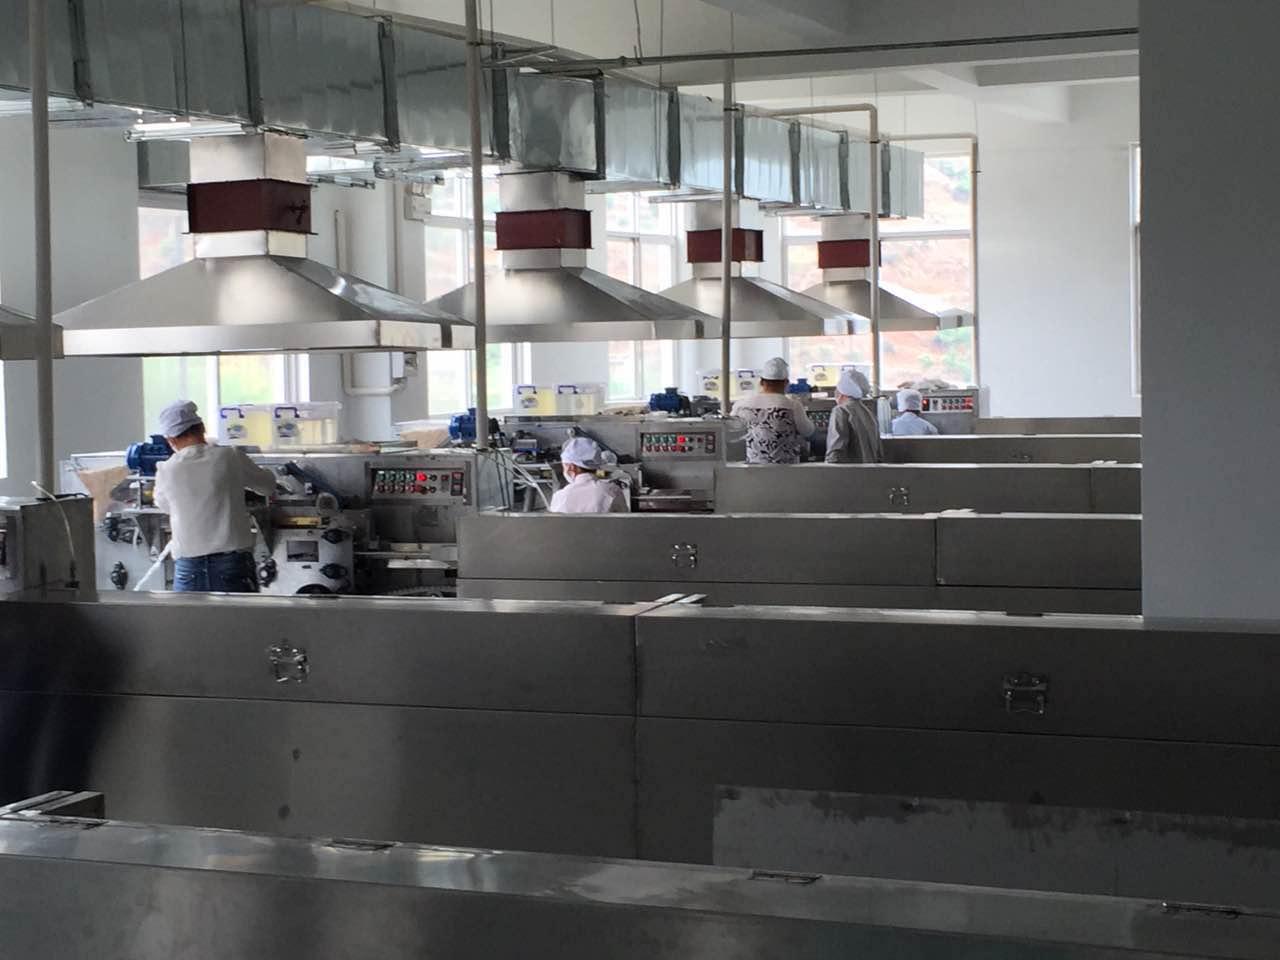 湖南自动棉签机厂家直销,湖南自动棉签机厂家批发,湖南自动棉签机